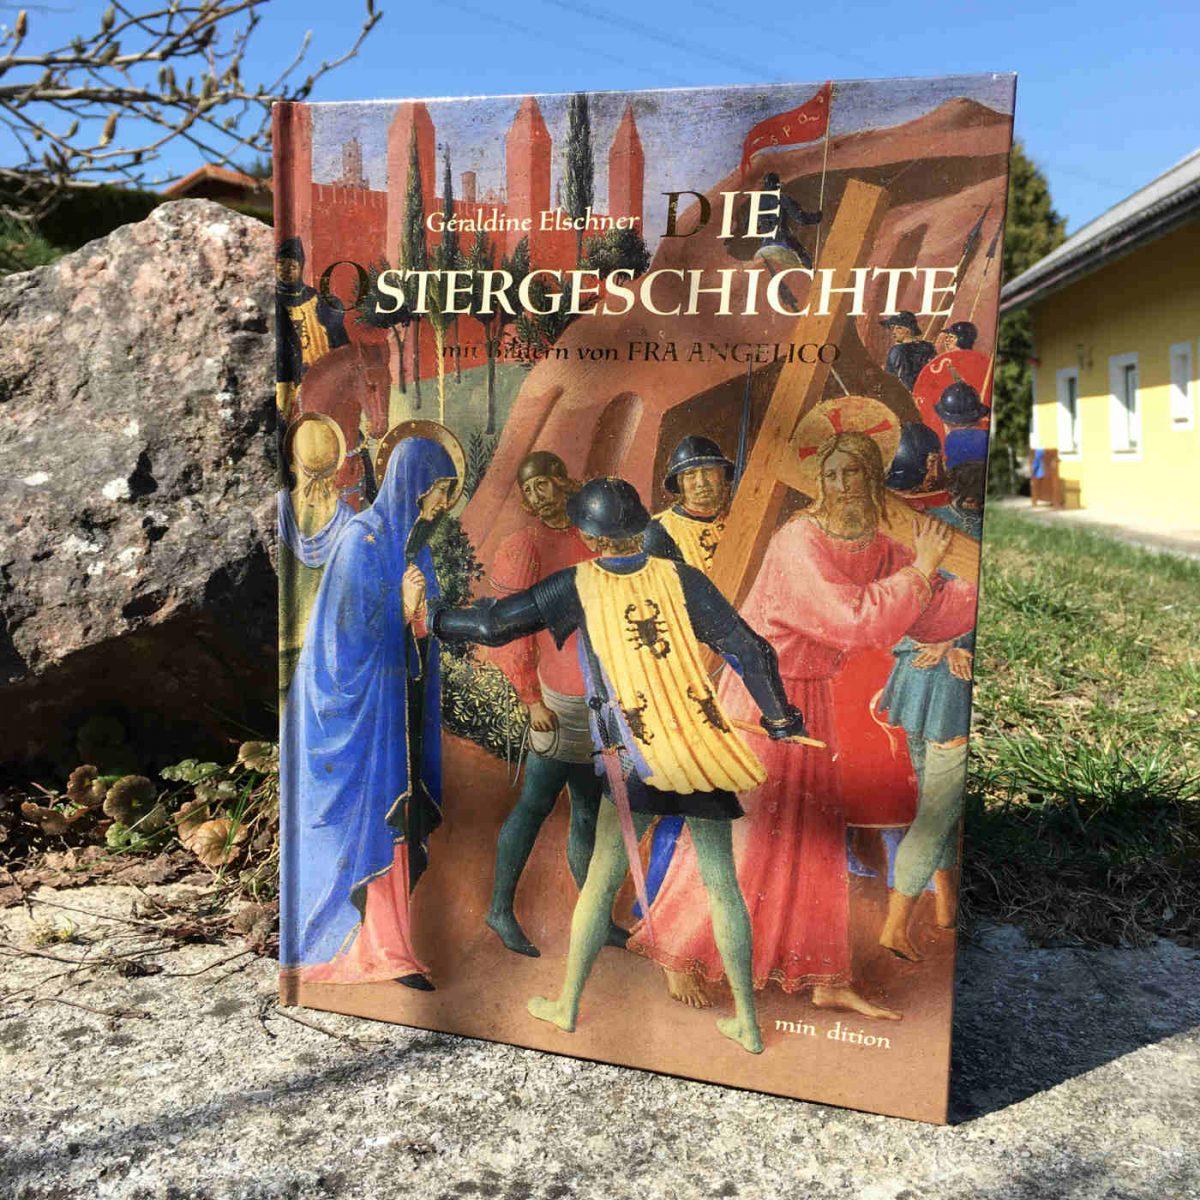 Géraldine Elschner und Fra Angelico: Die Ostergeschichte